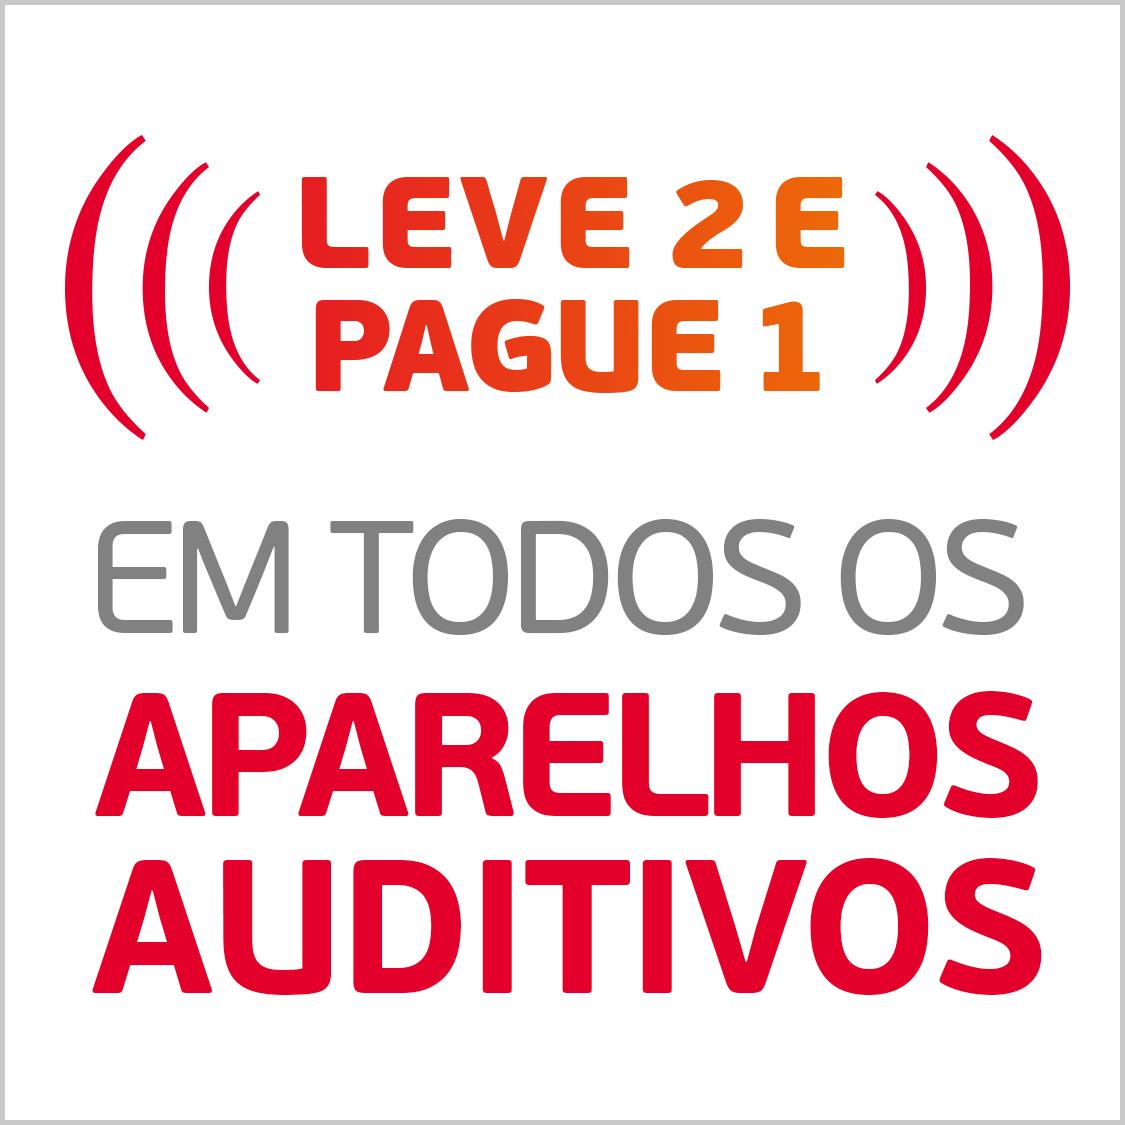 2x1 audifonos